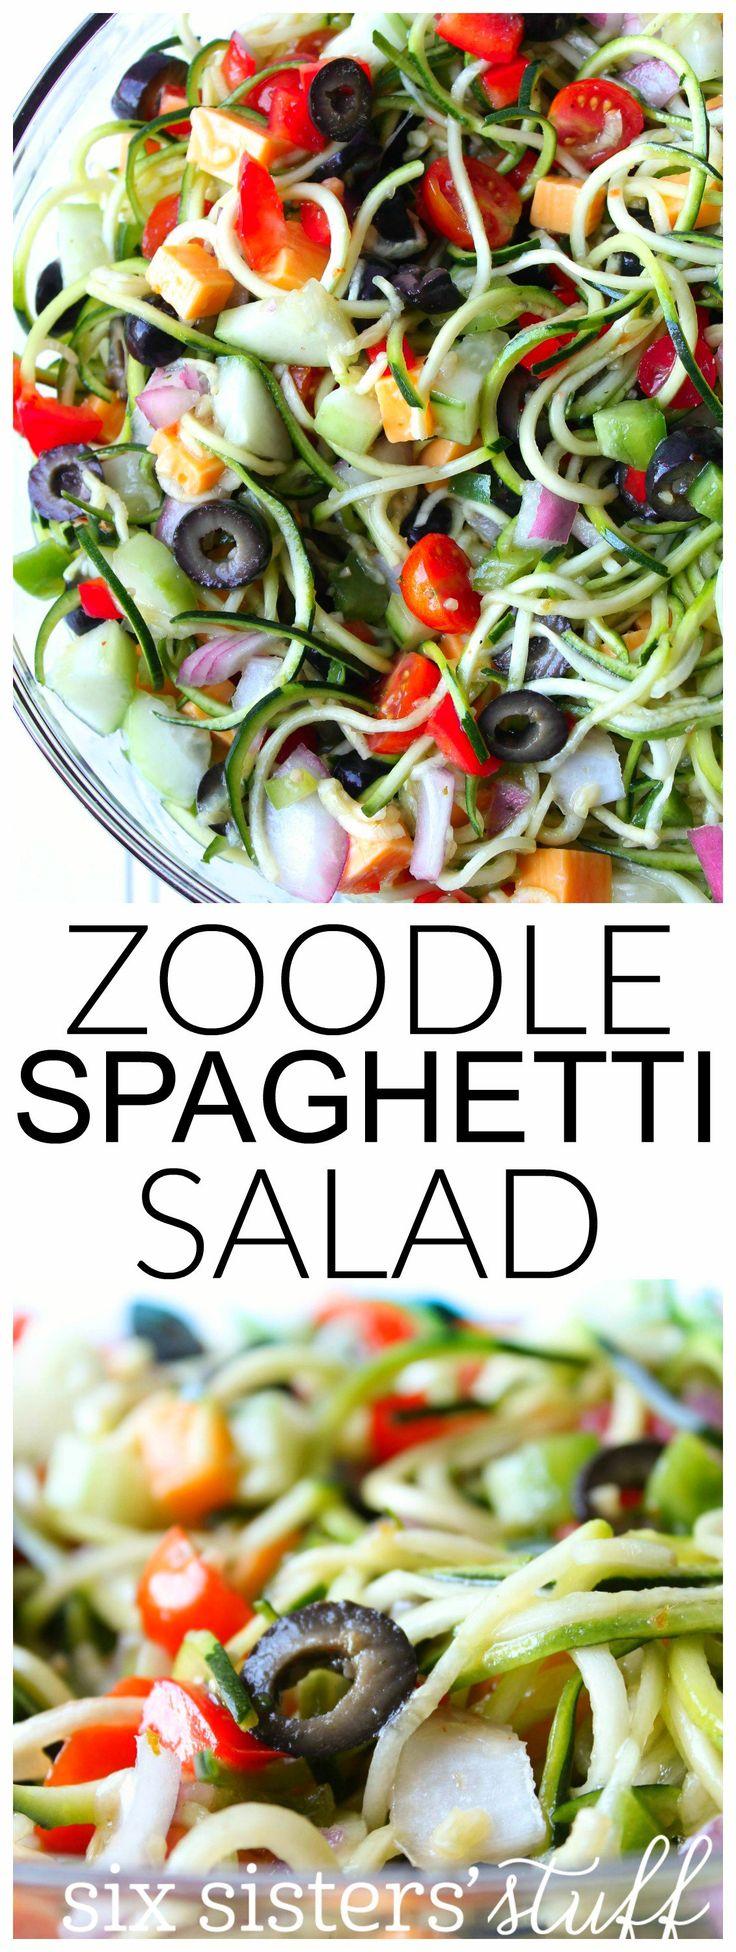 Best 25+ Spaghetti salad ideas on Pinterest   Pasta salad ...